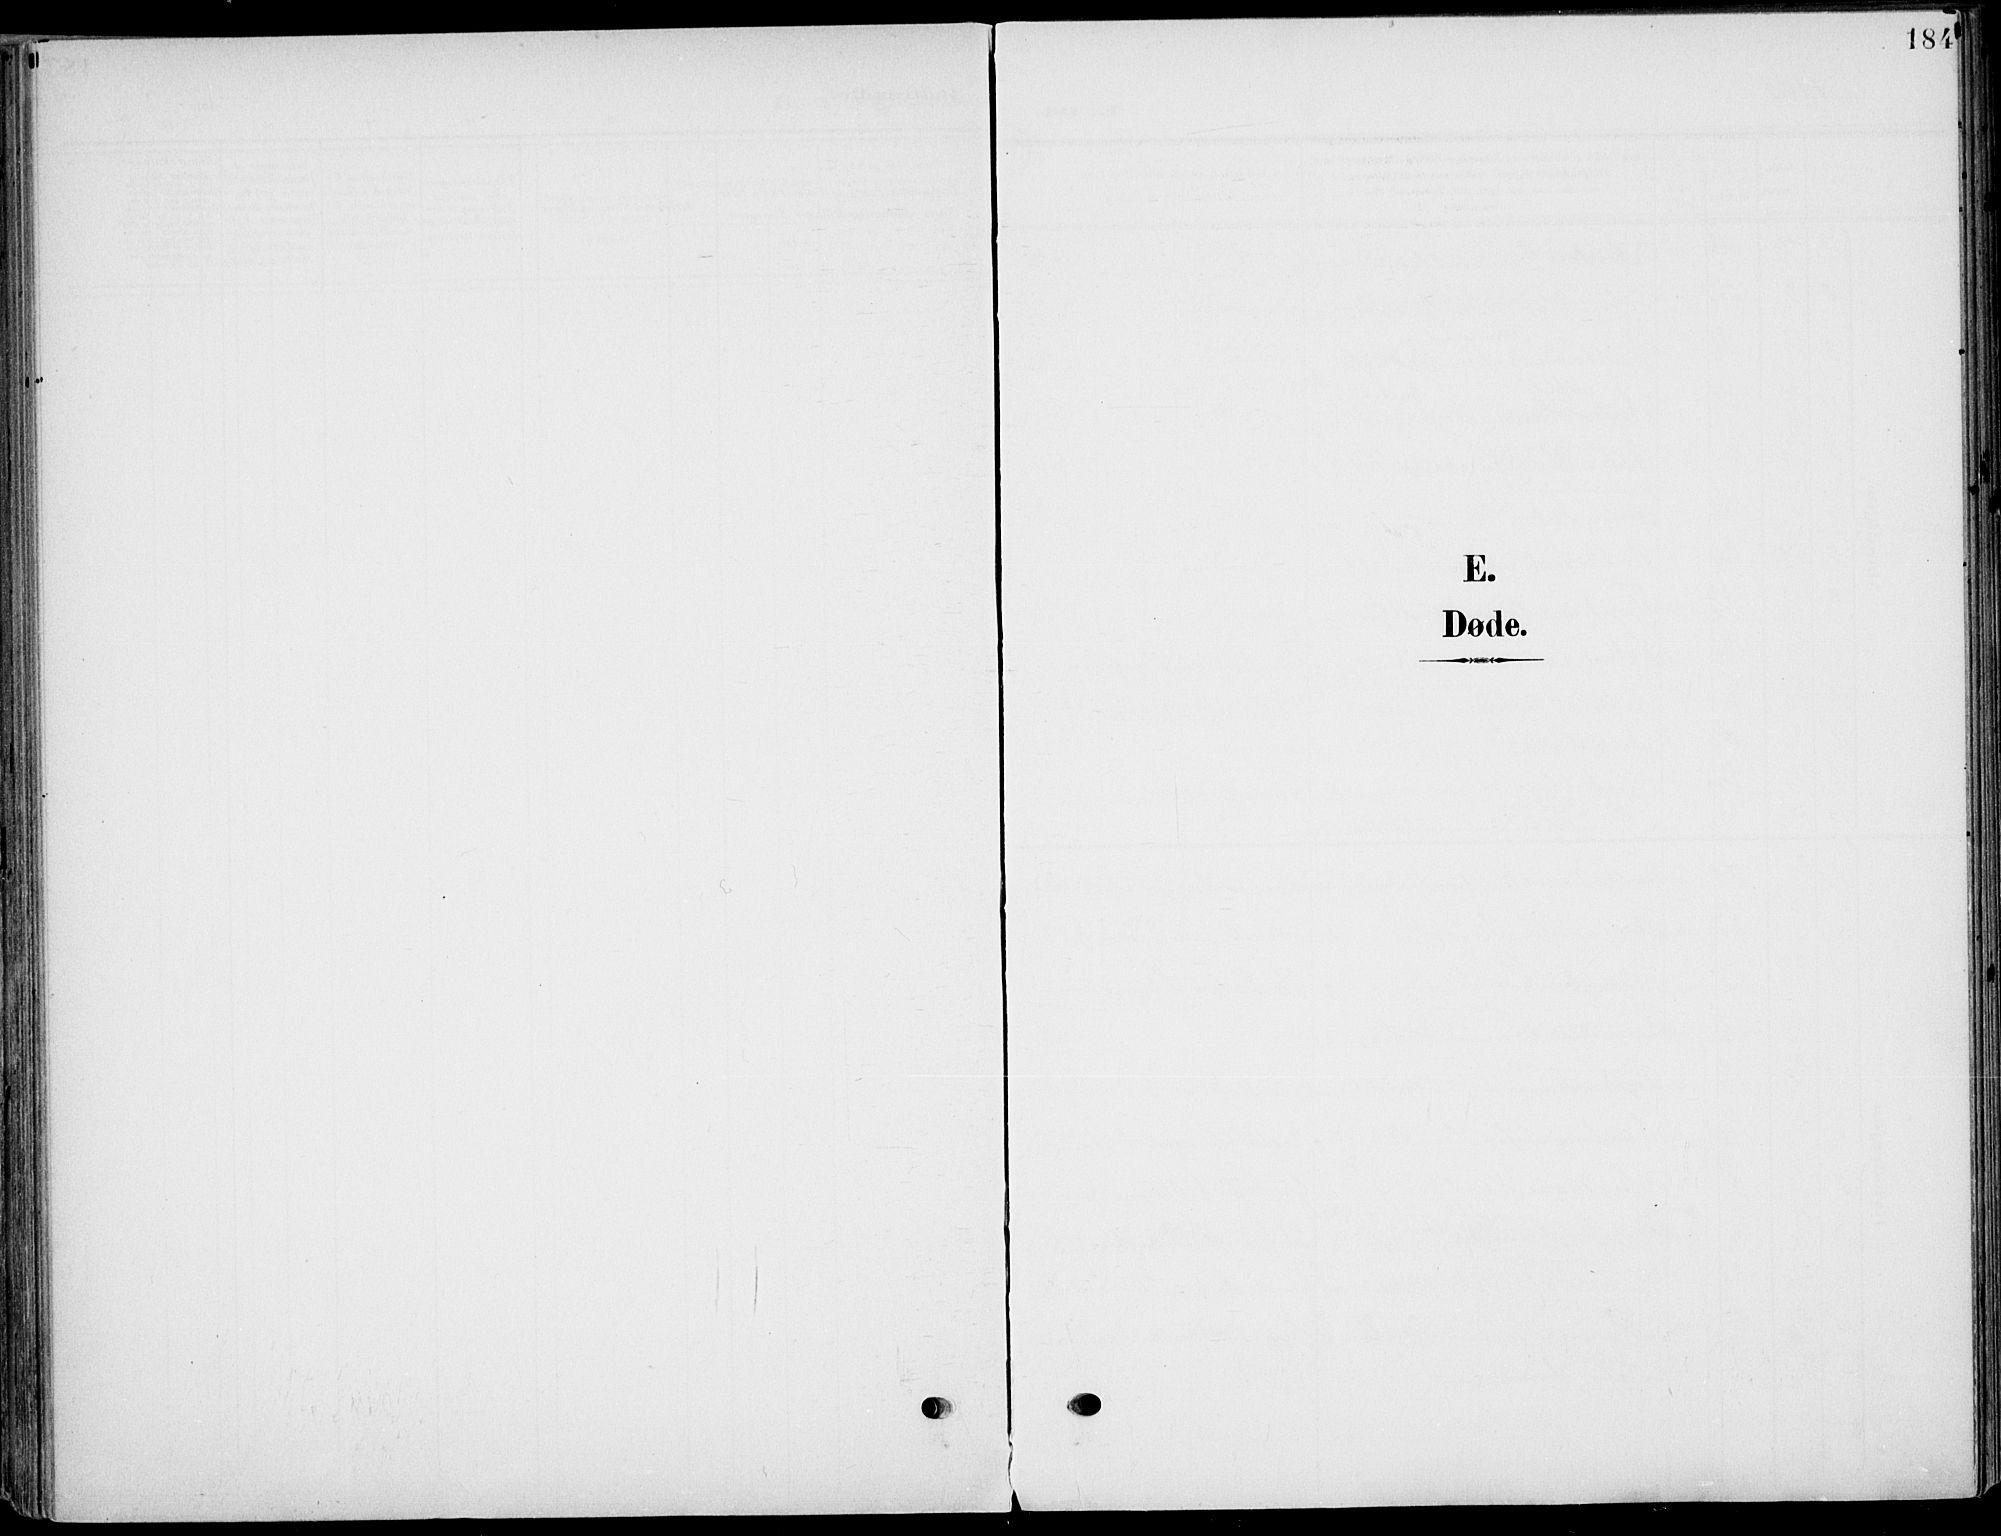 SAKO, Eidanger kirkebøker, F/Fa/L0013: Ministerialbok nr. 13, 1900-1913, s. 184